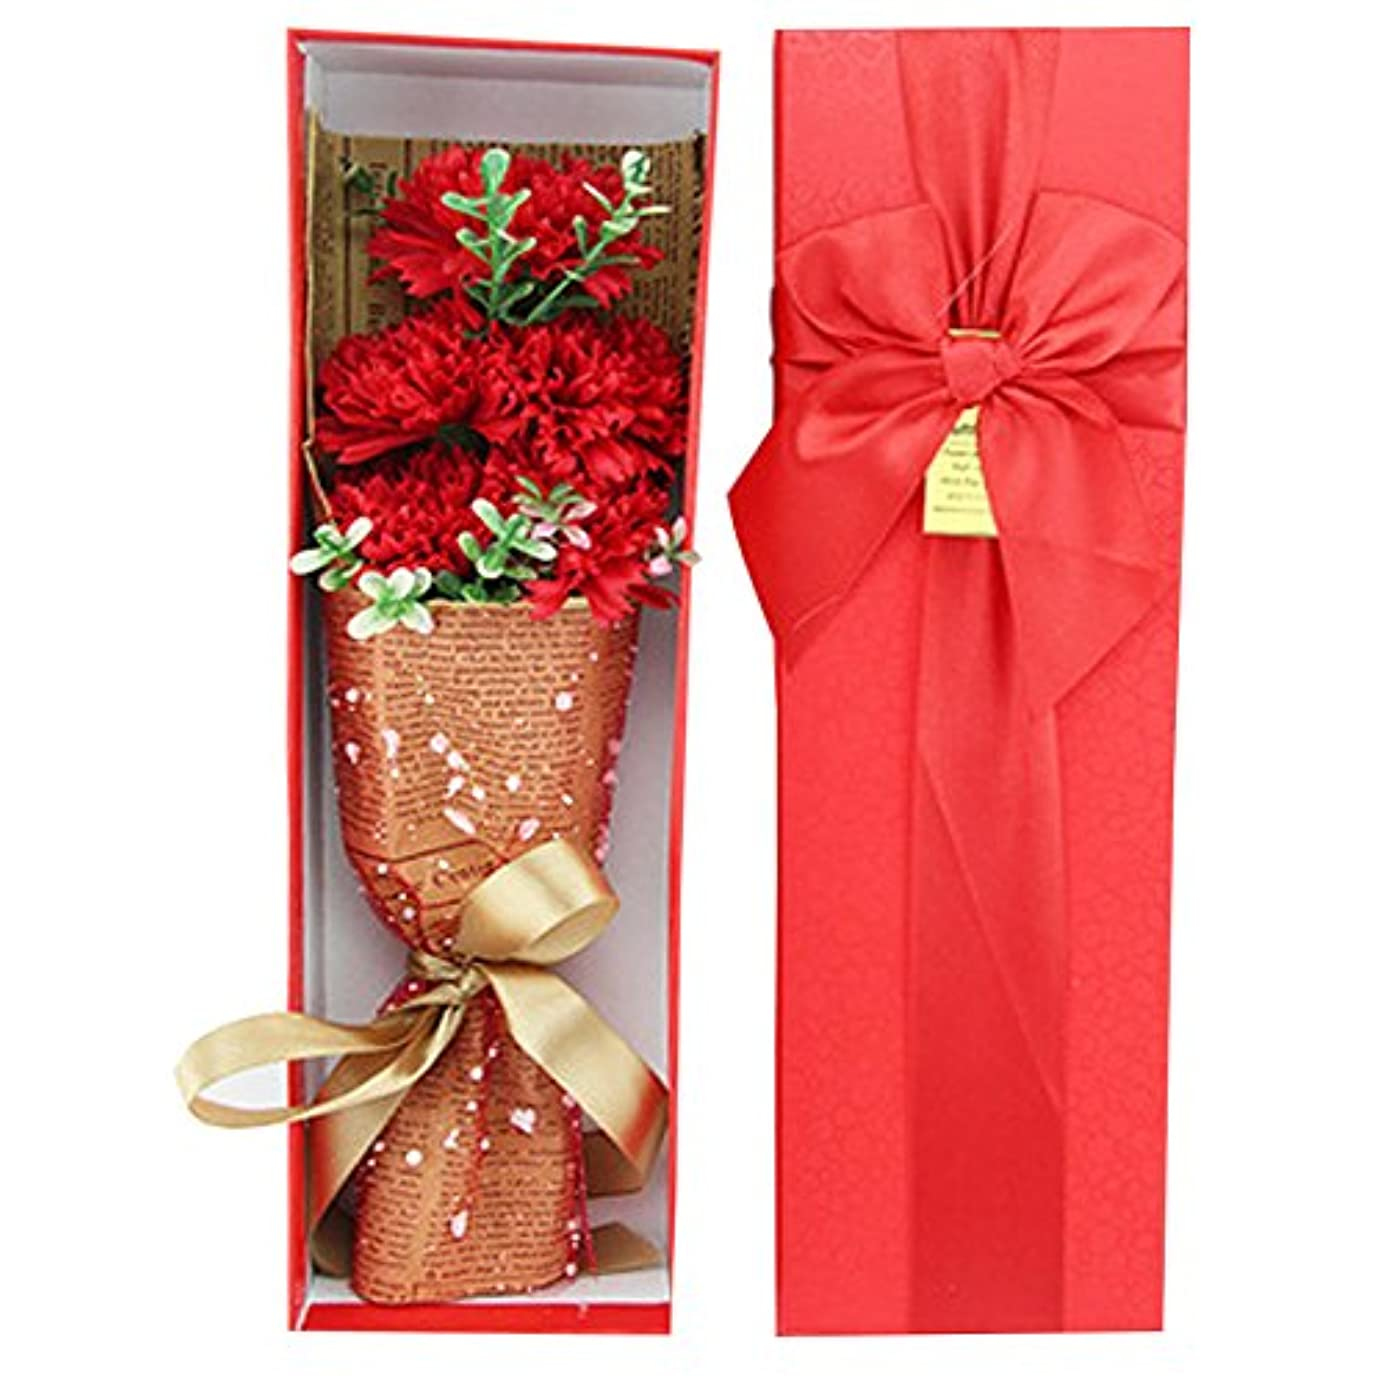 別れる元のロッジiCoole ソープフラワー 石鹸花 ハードフラワー形状 ギフトボックス入り 母の日 お誕生日 ギフトなどに最高 (レッド)